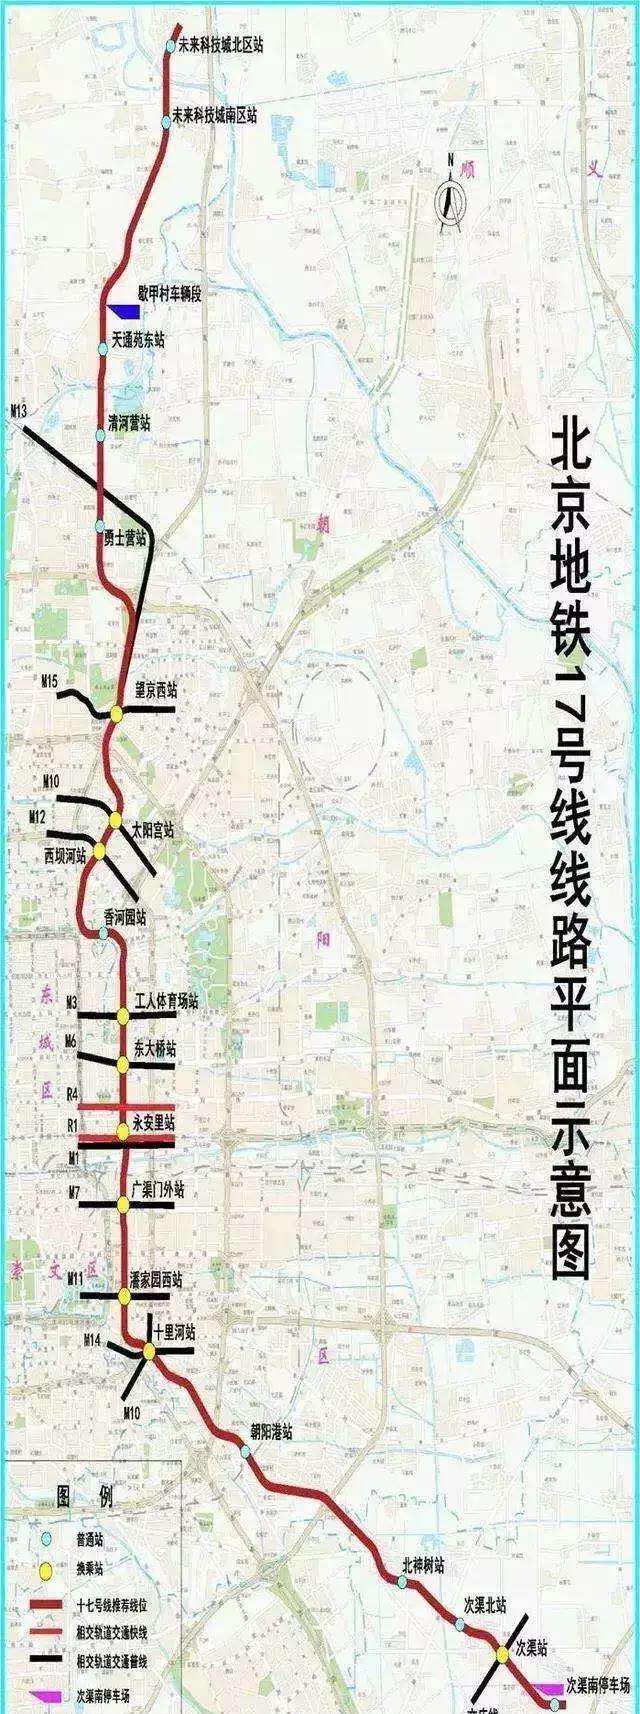 北京市最新的地铁以及运营时间调整说明